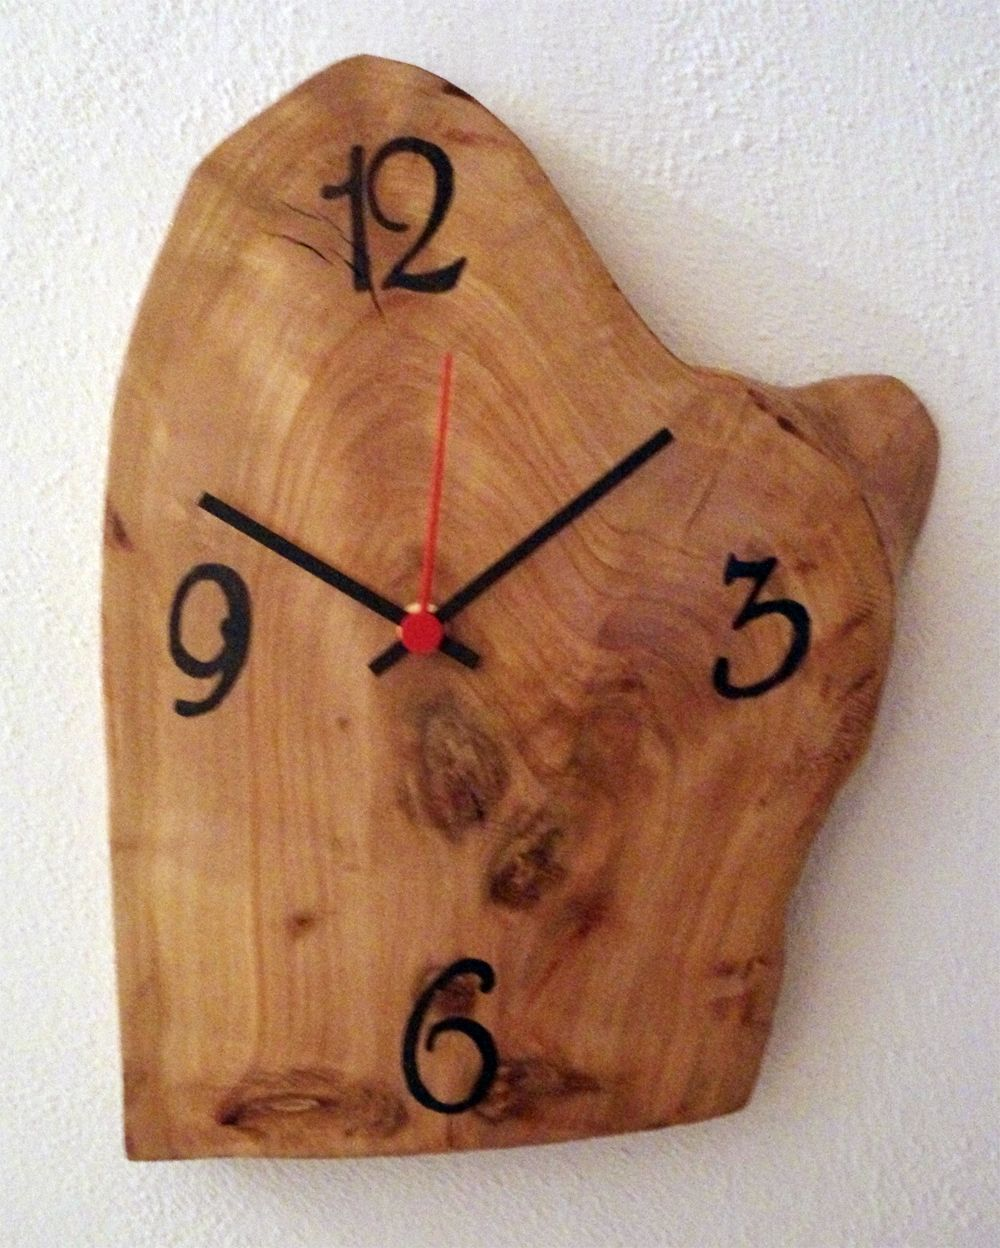 Orologio da parete realizzato su una fetta di tronco con for Idee per orologio da parete